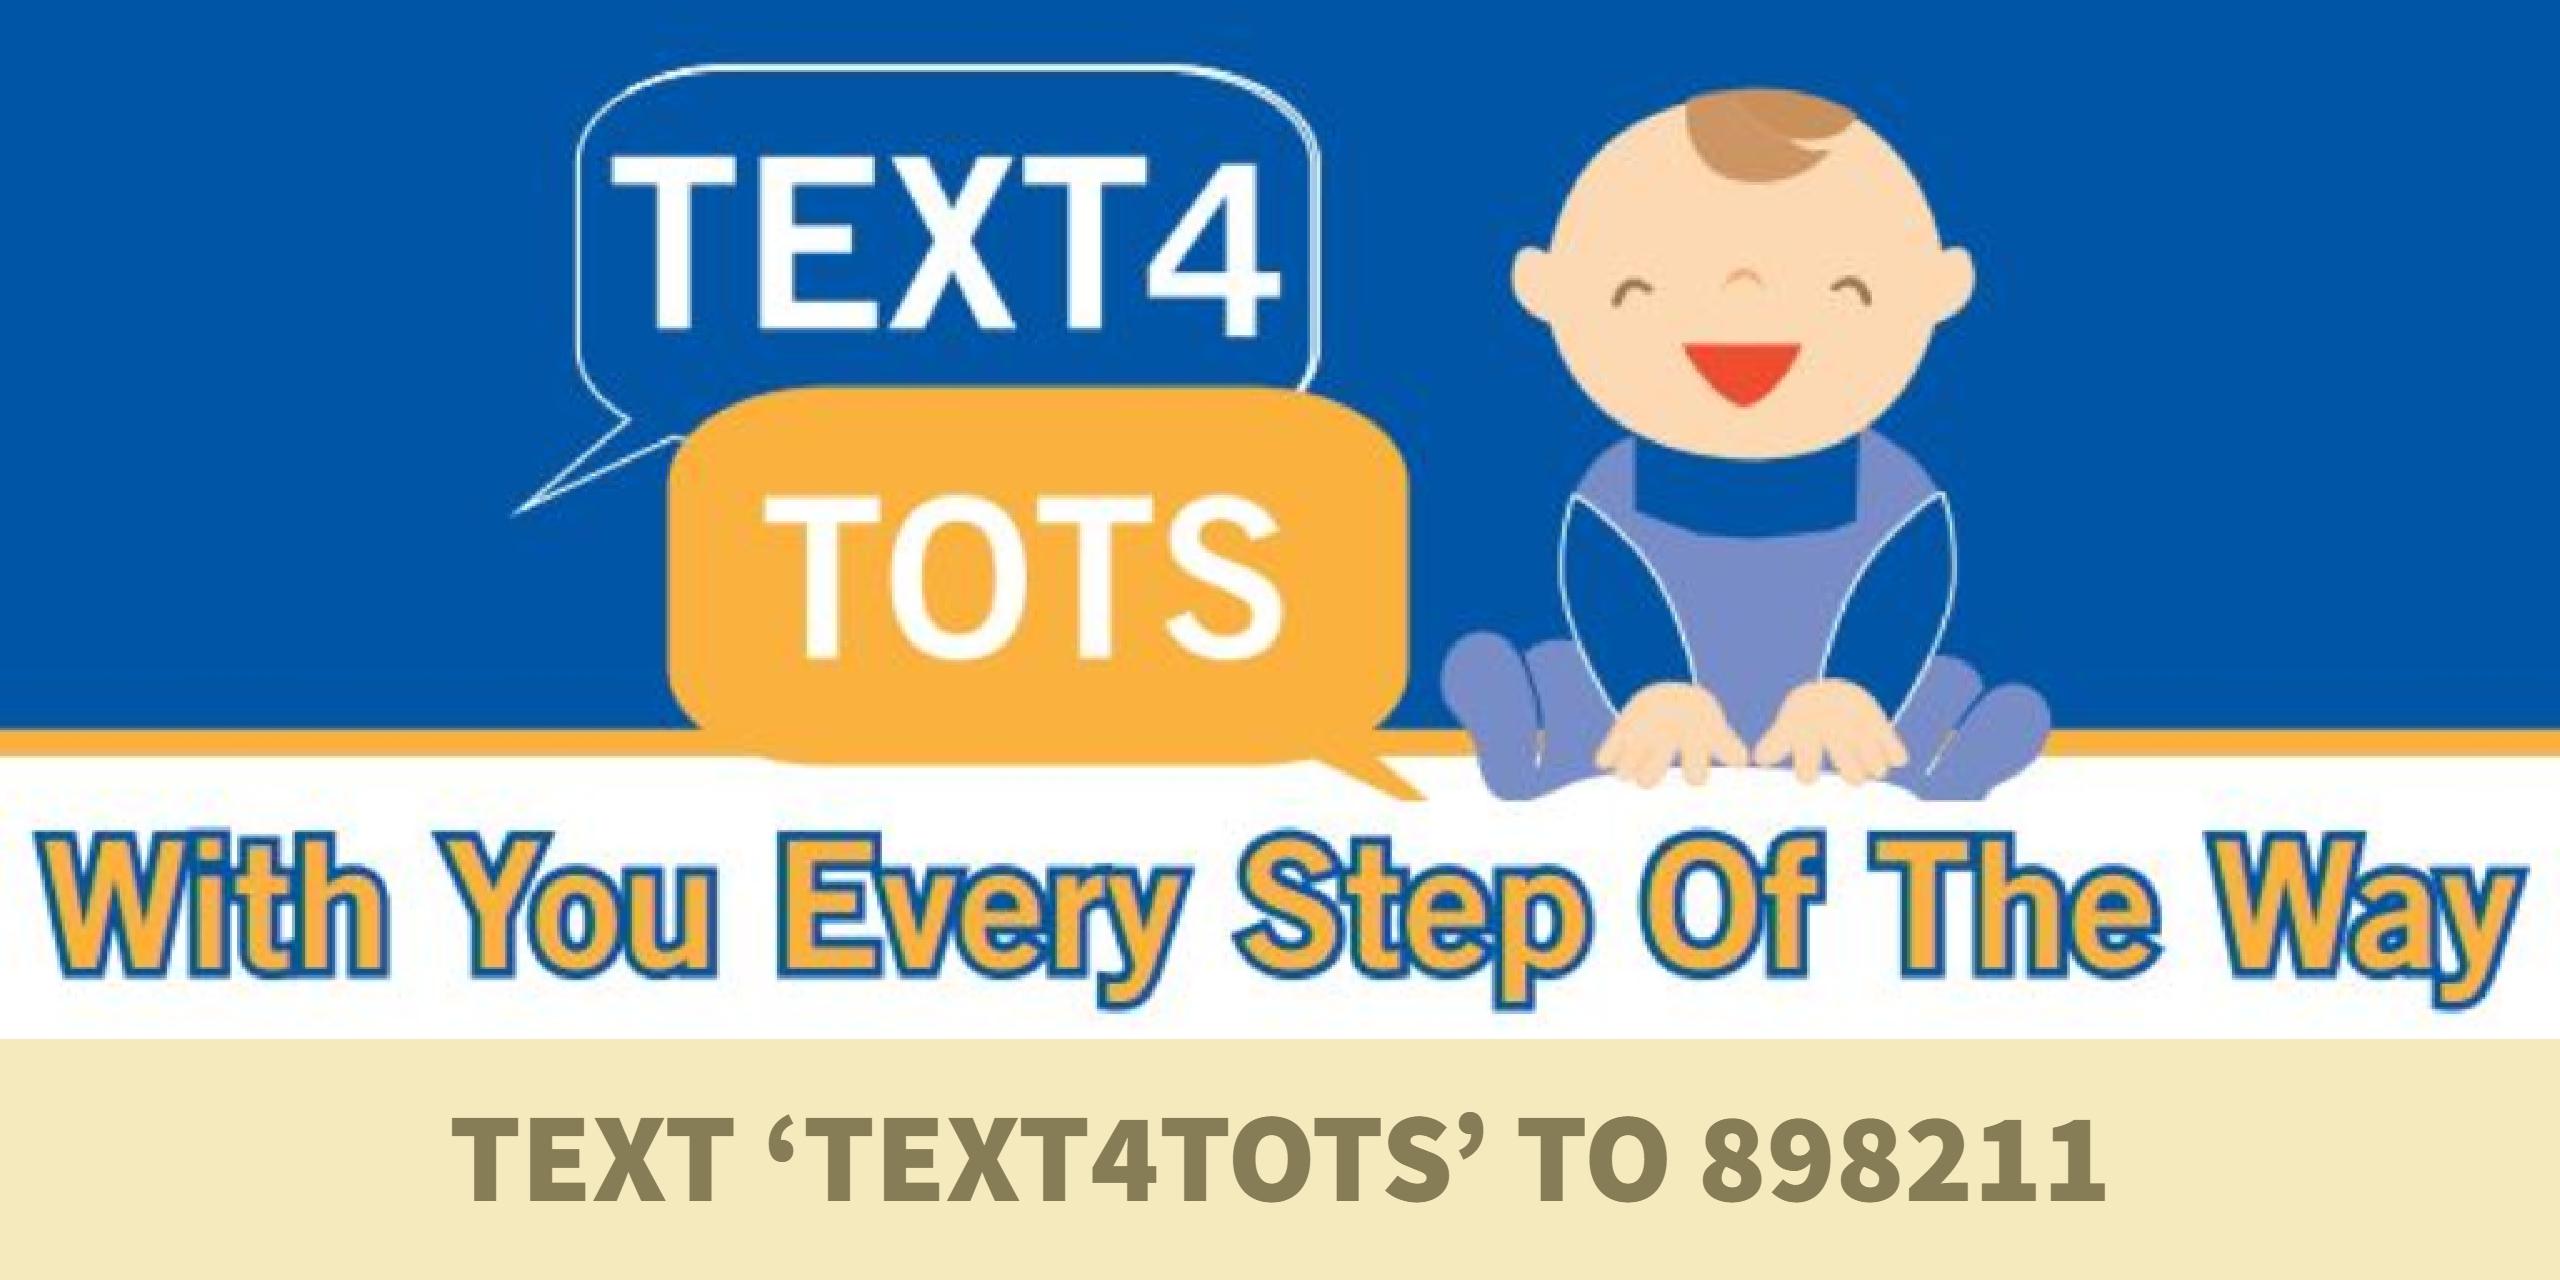 Text 4 Tots